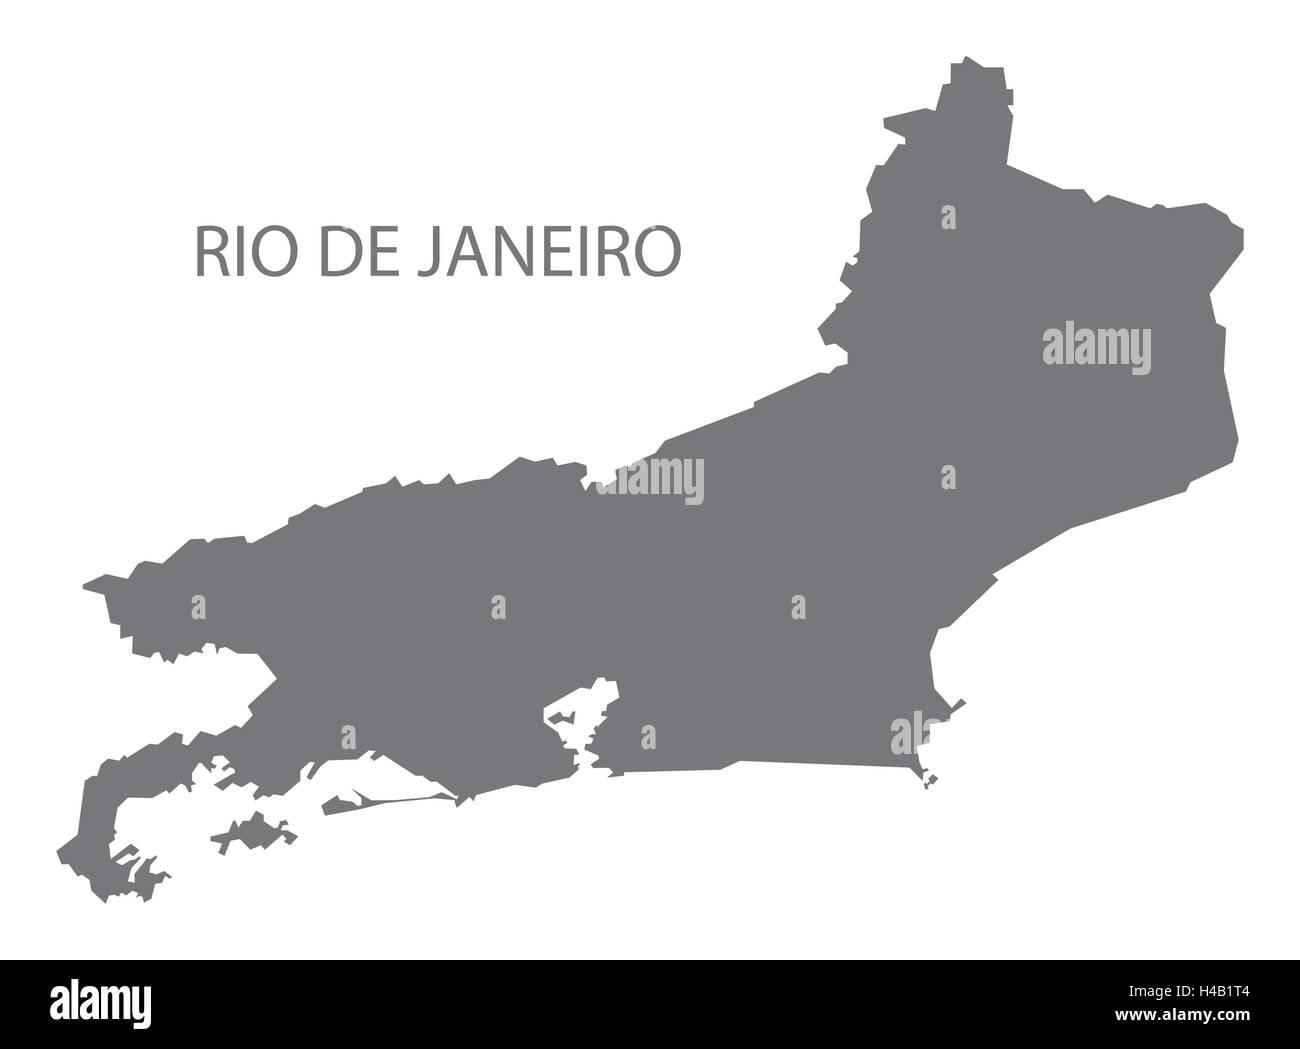 Rio de janeiro brazil map in grey stock vector art illustration rio de janeiro brazil map in grey gumiabroncs Images